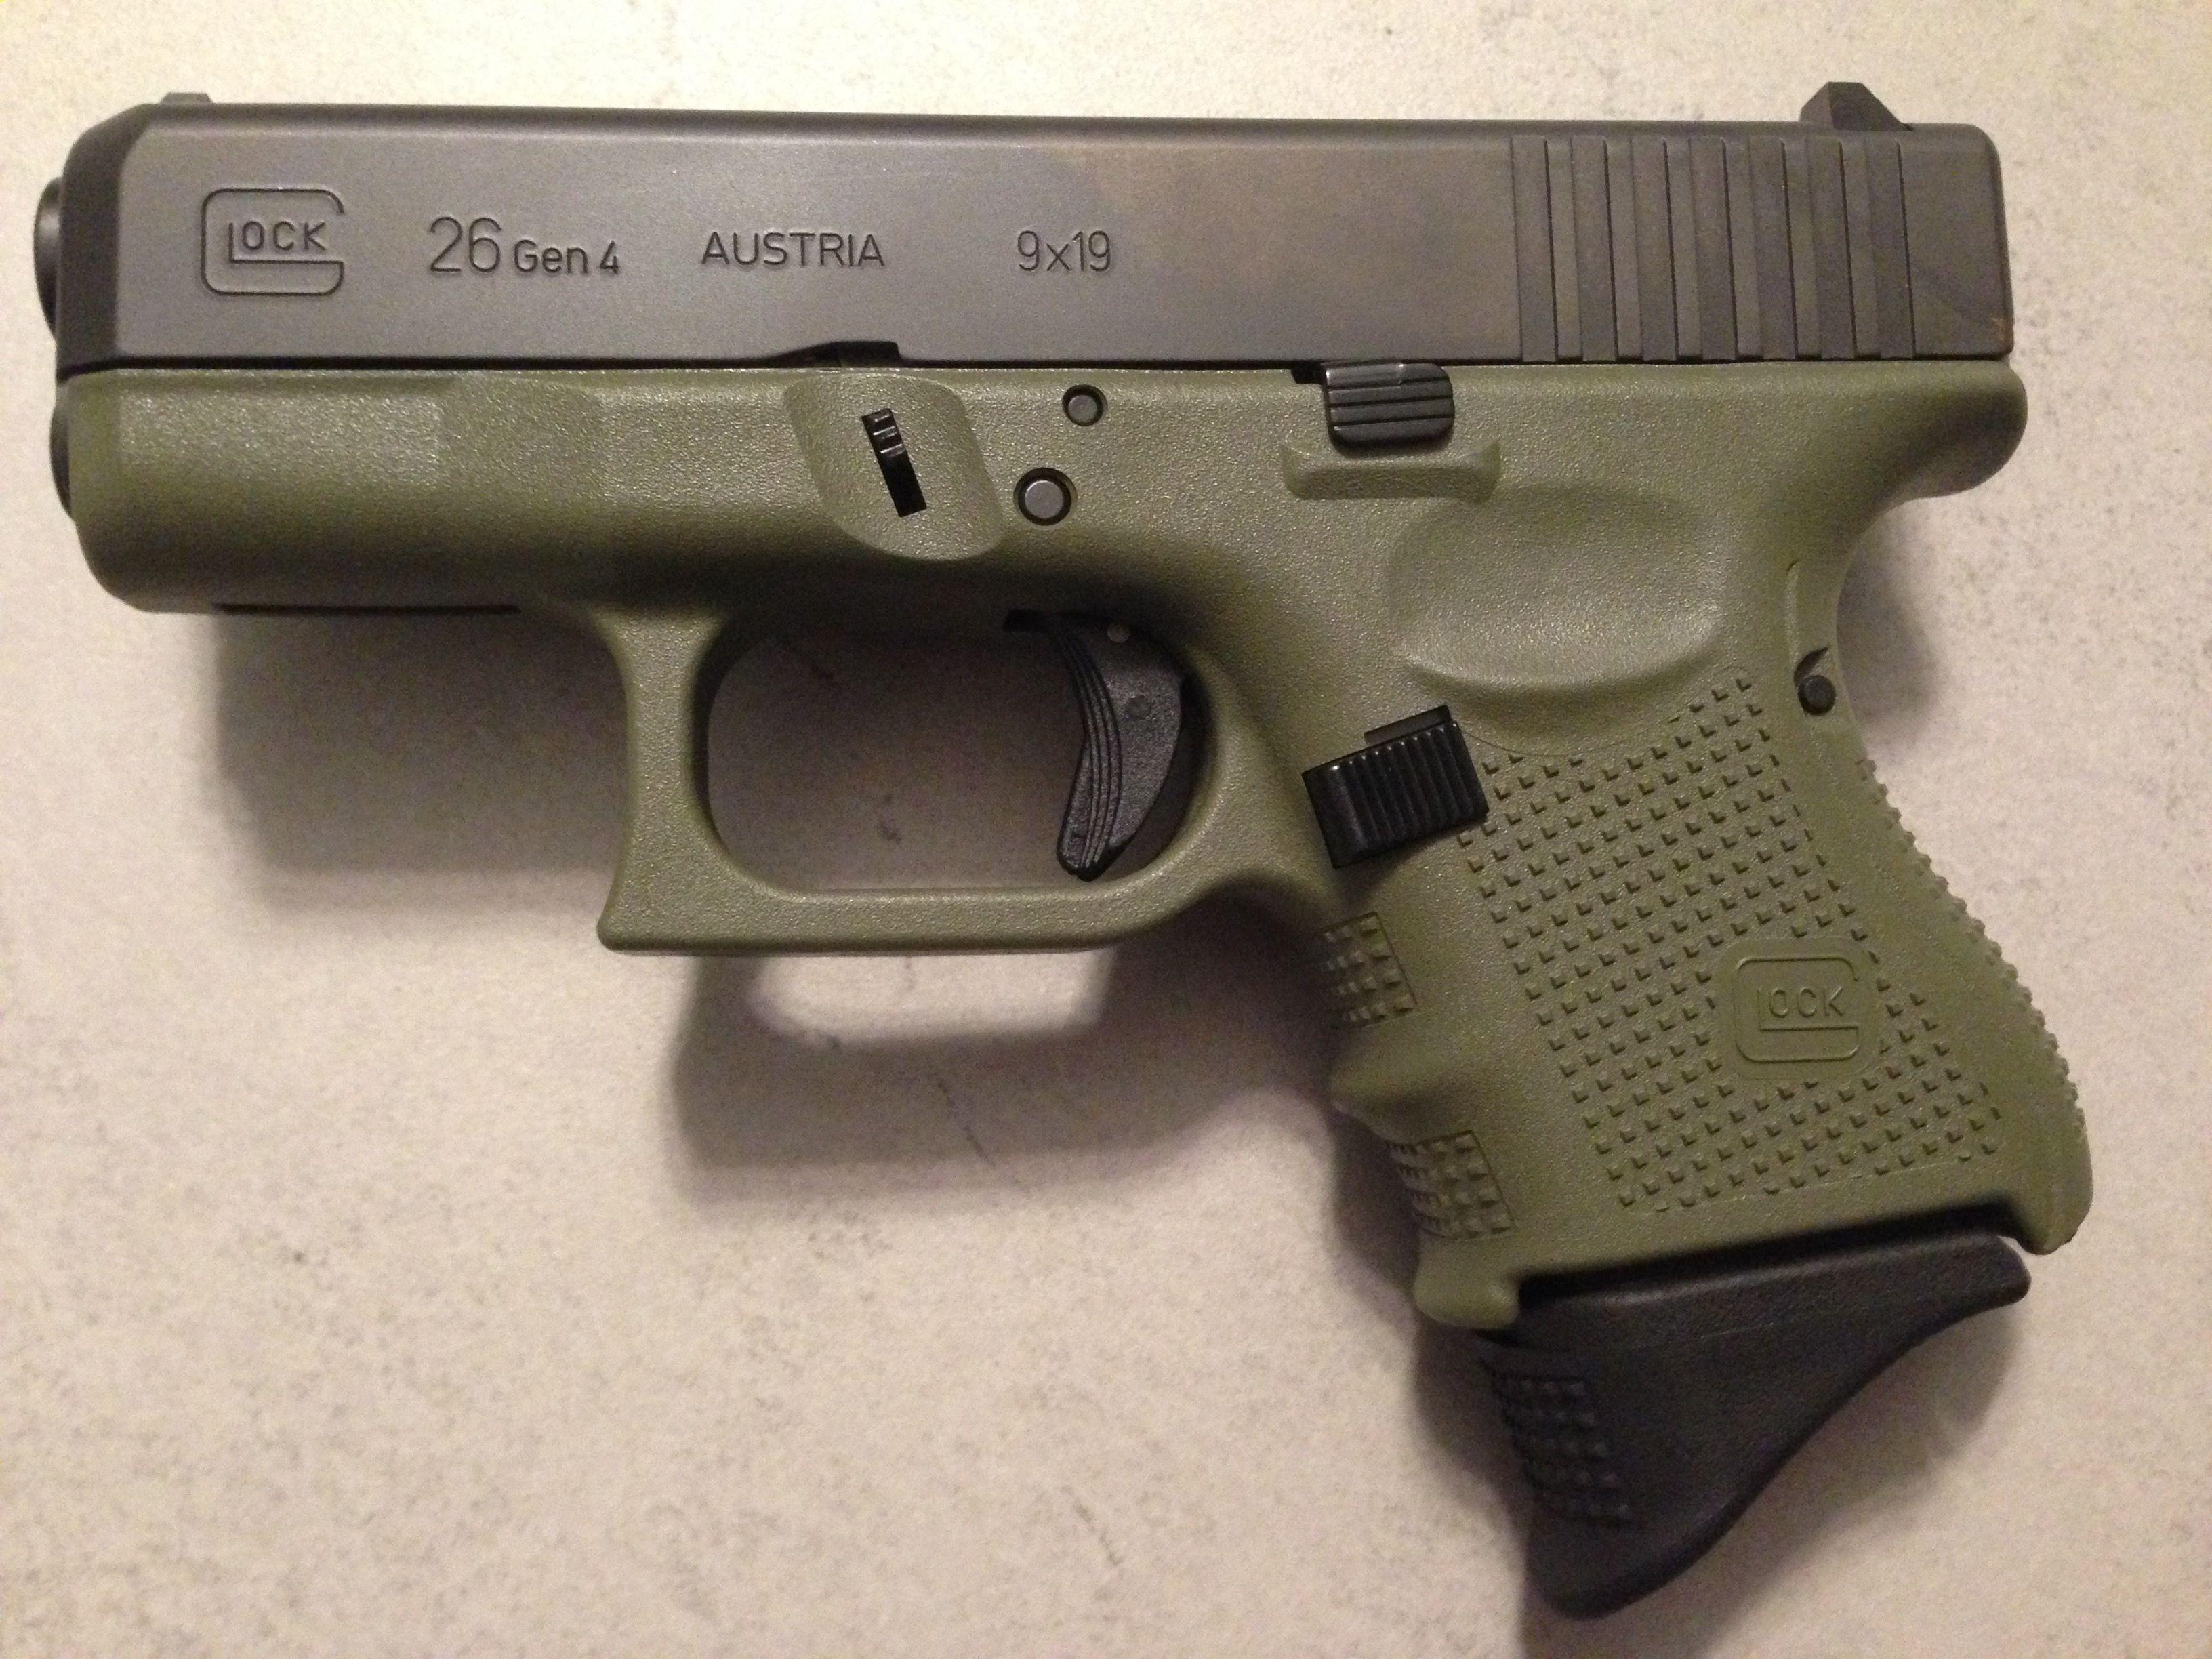 Glock 26 Gen4 BFG Find our speedloader now! www.raeind.com ...